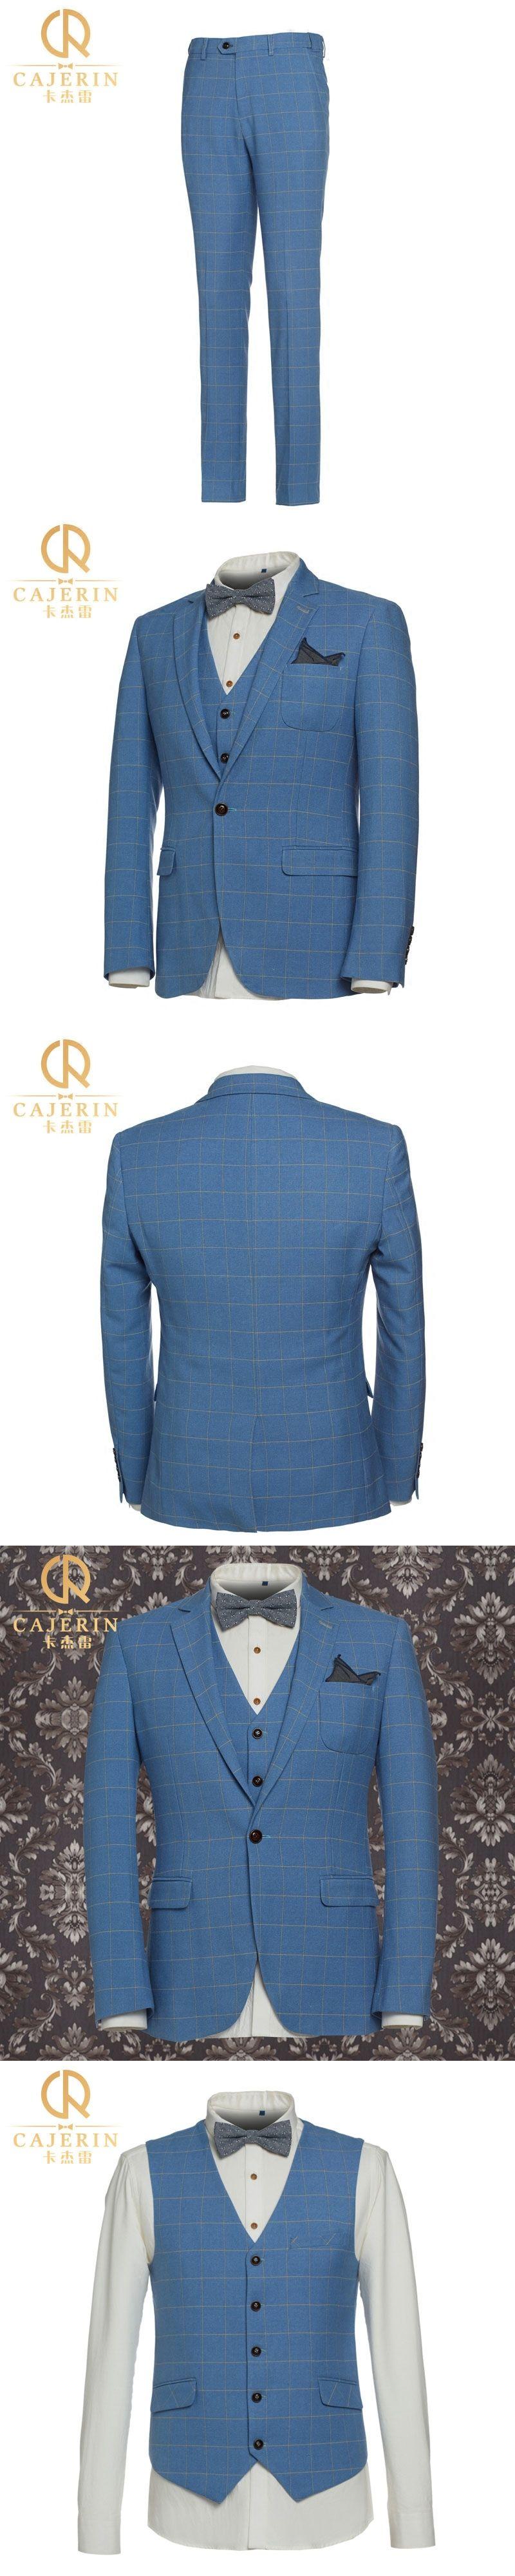 Pre Sale Wedding Suits For Men Royal Blue Tuxedo Slim Fit Plaid ...